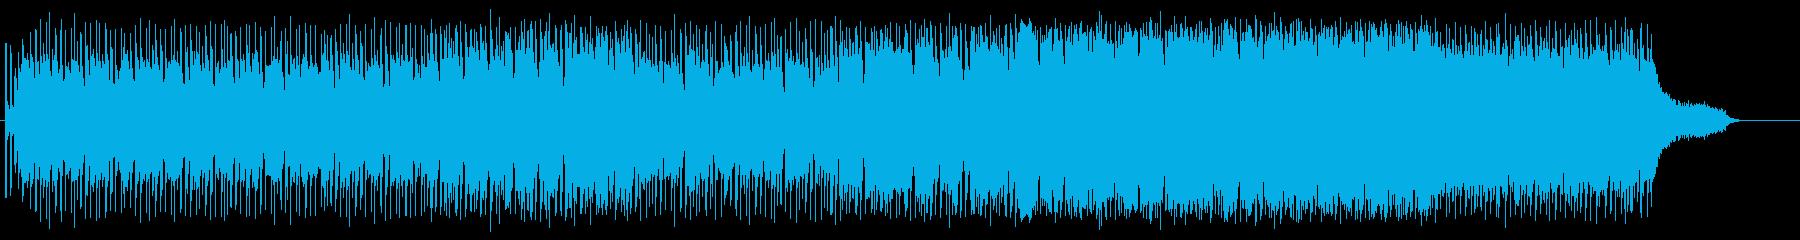 テーマ性のあるクールなフュージョンの再生済みの波形